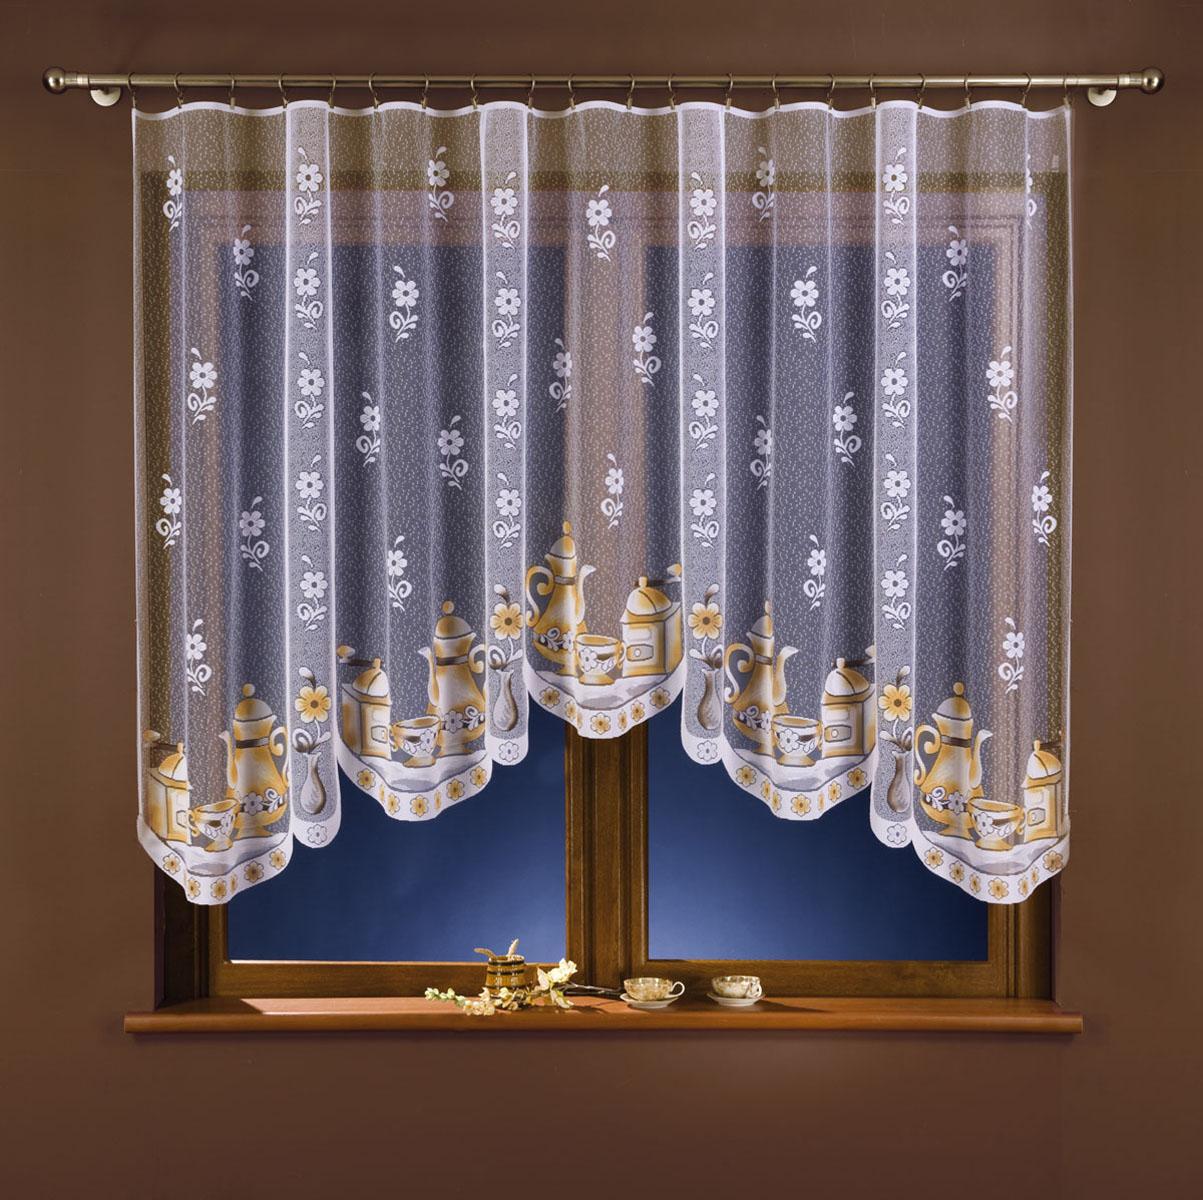 Гардина Wisan, цвет: белый, ширина 300 см, высота 150 см. 179А179Авид крепления - под зажимы для штор Размеры: ширина 300*высота 150